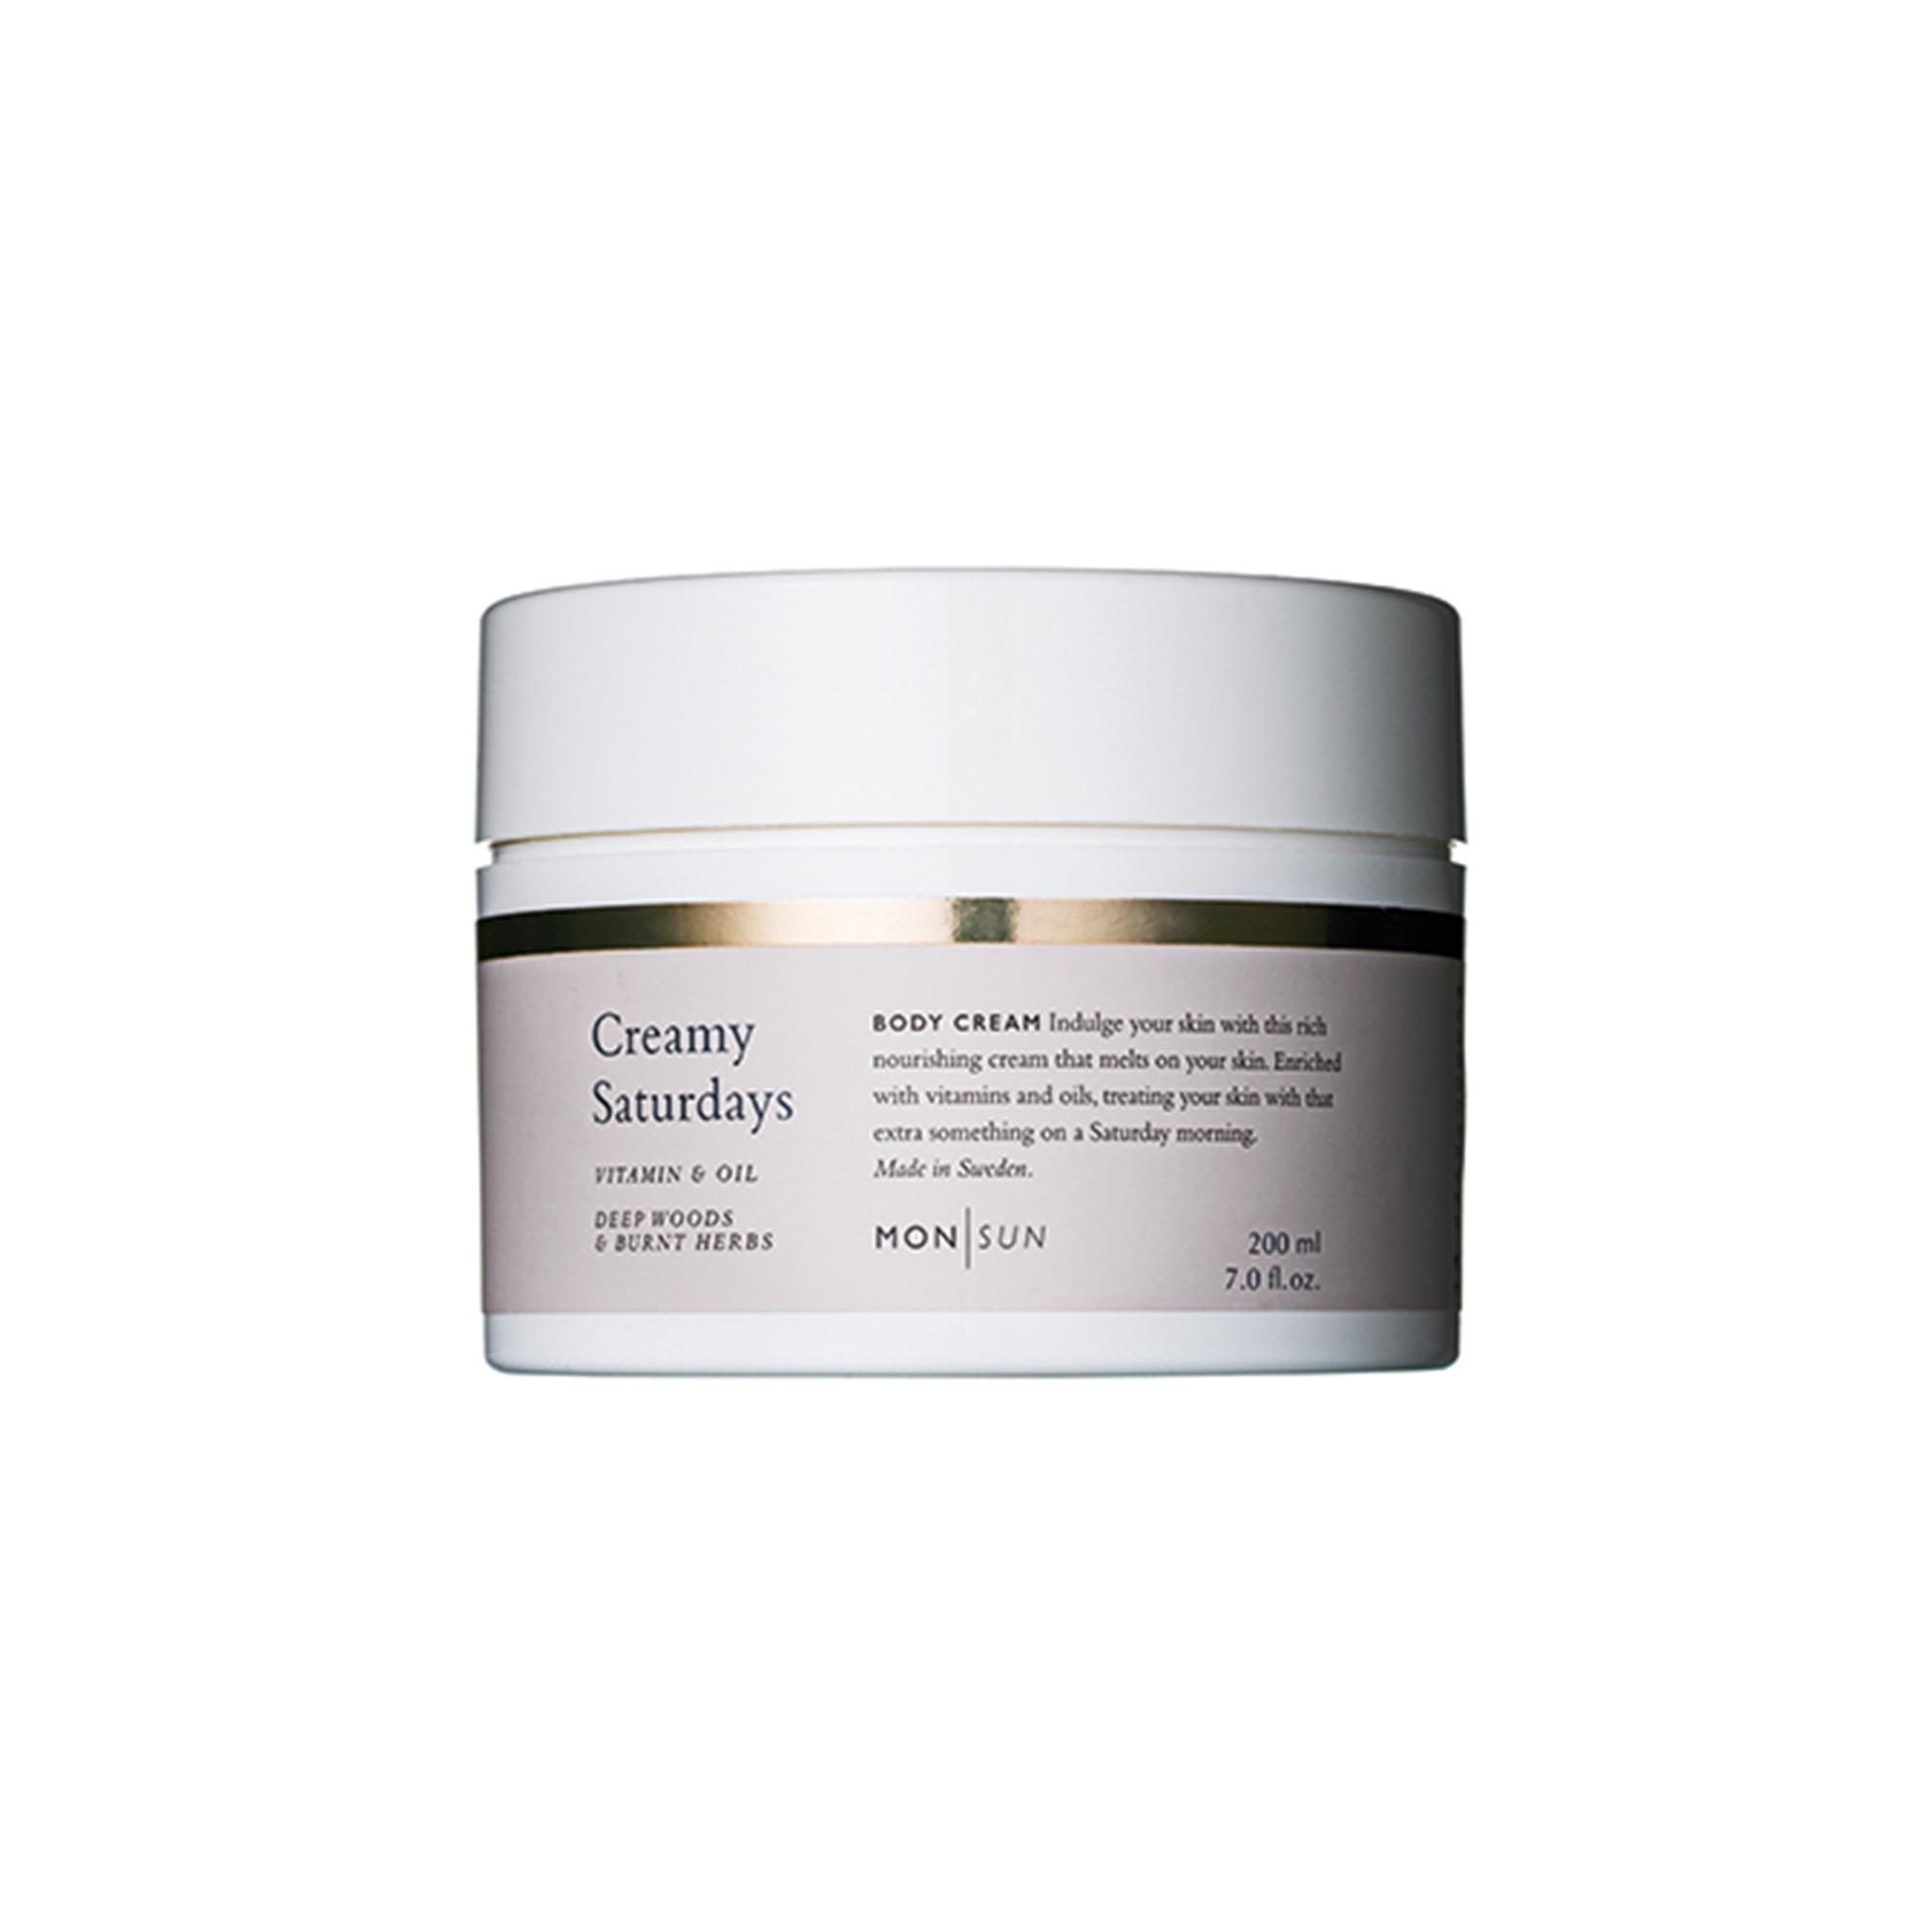 Creamy Saturdays Vitamin & Oil Body Cream